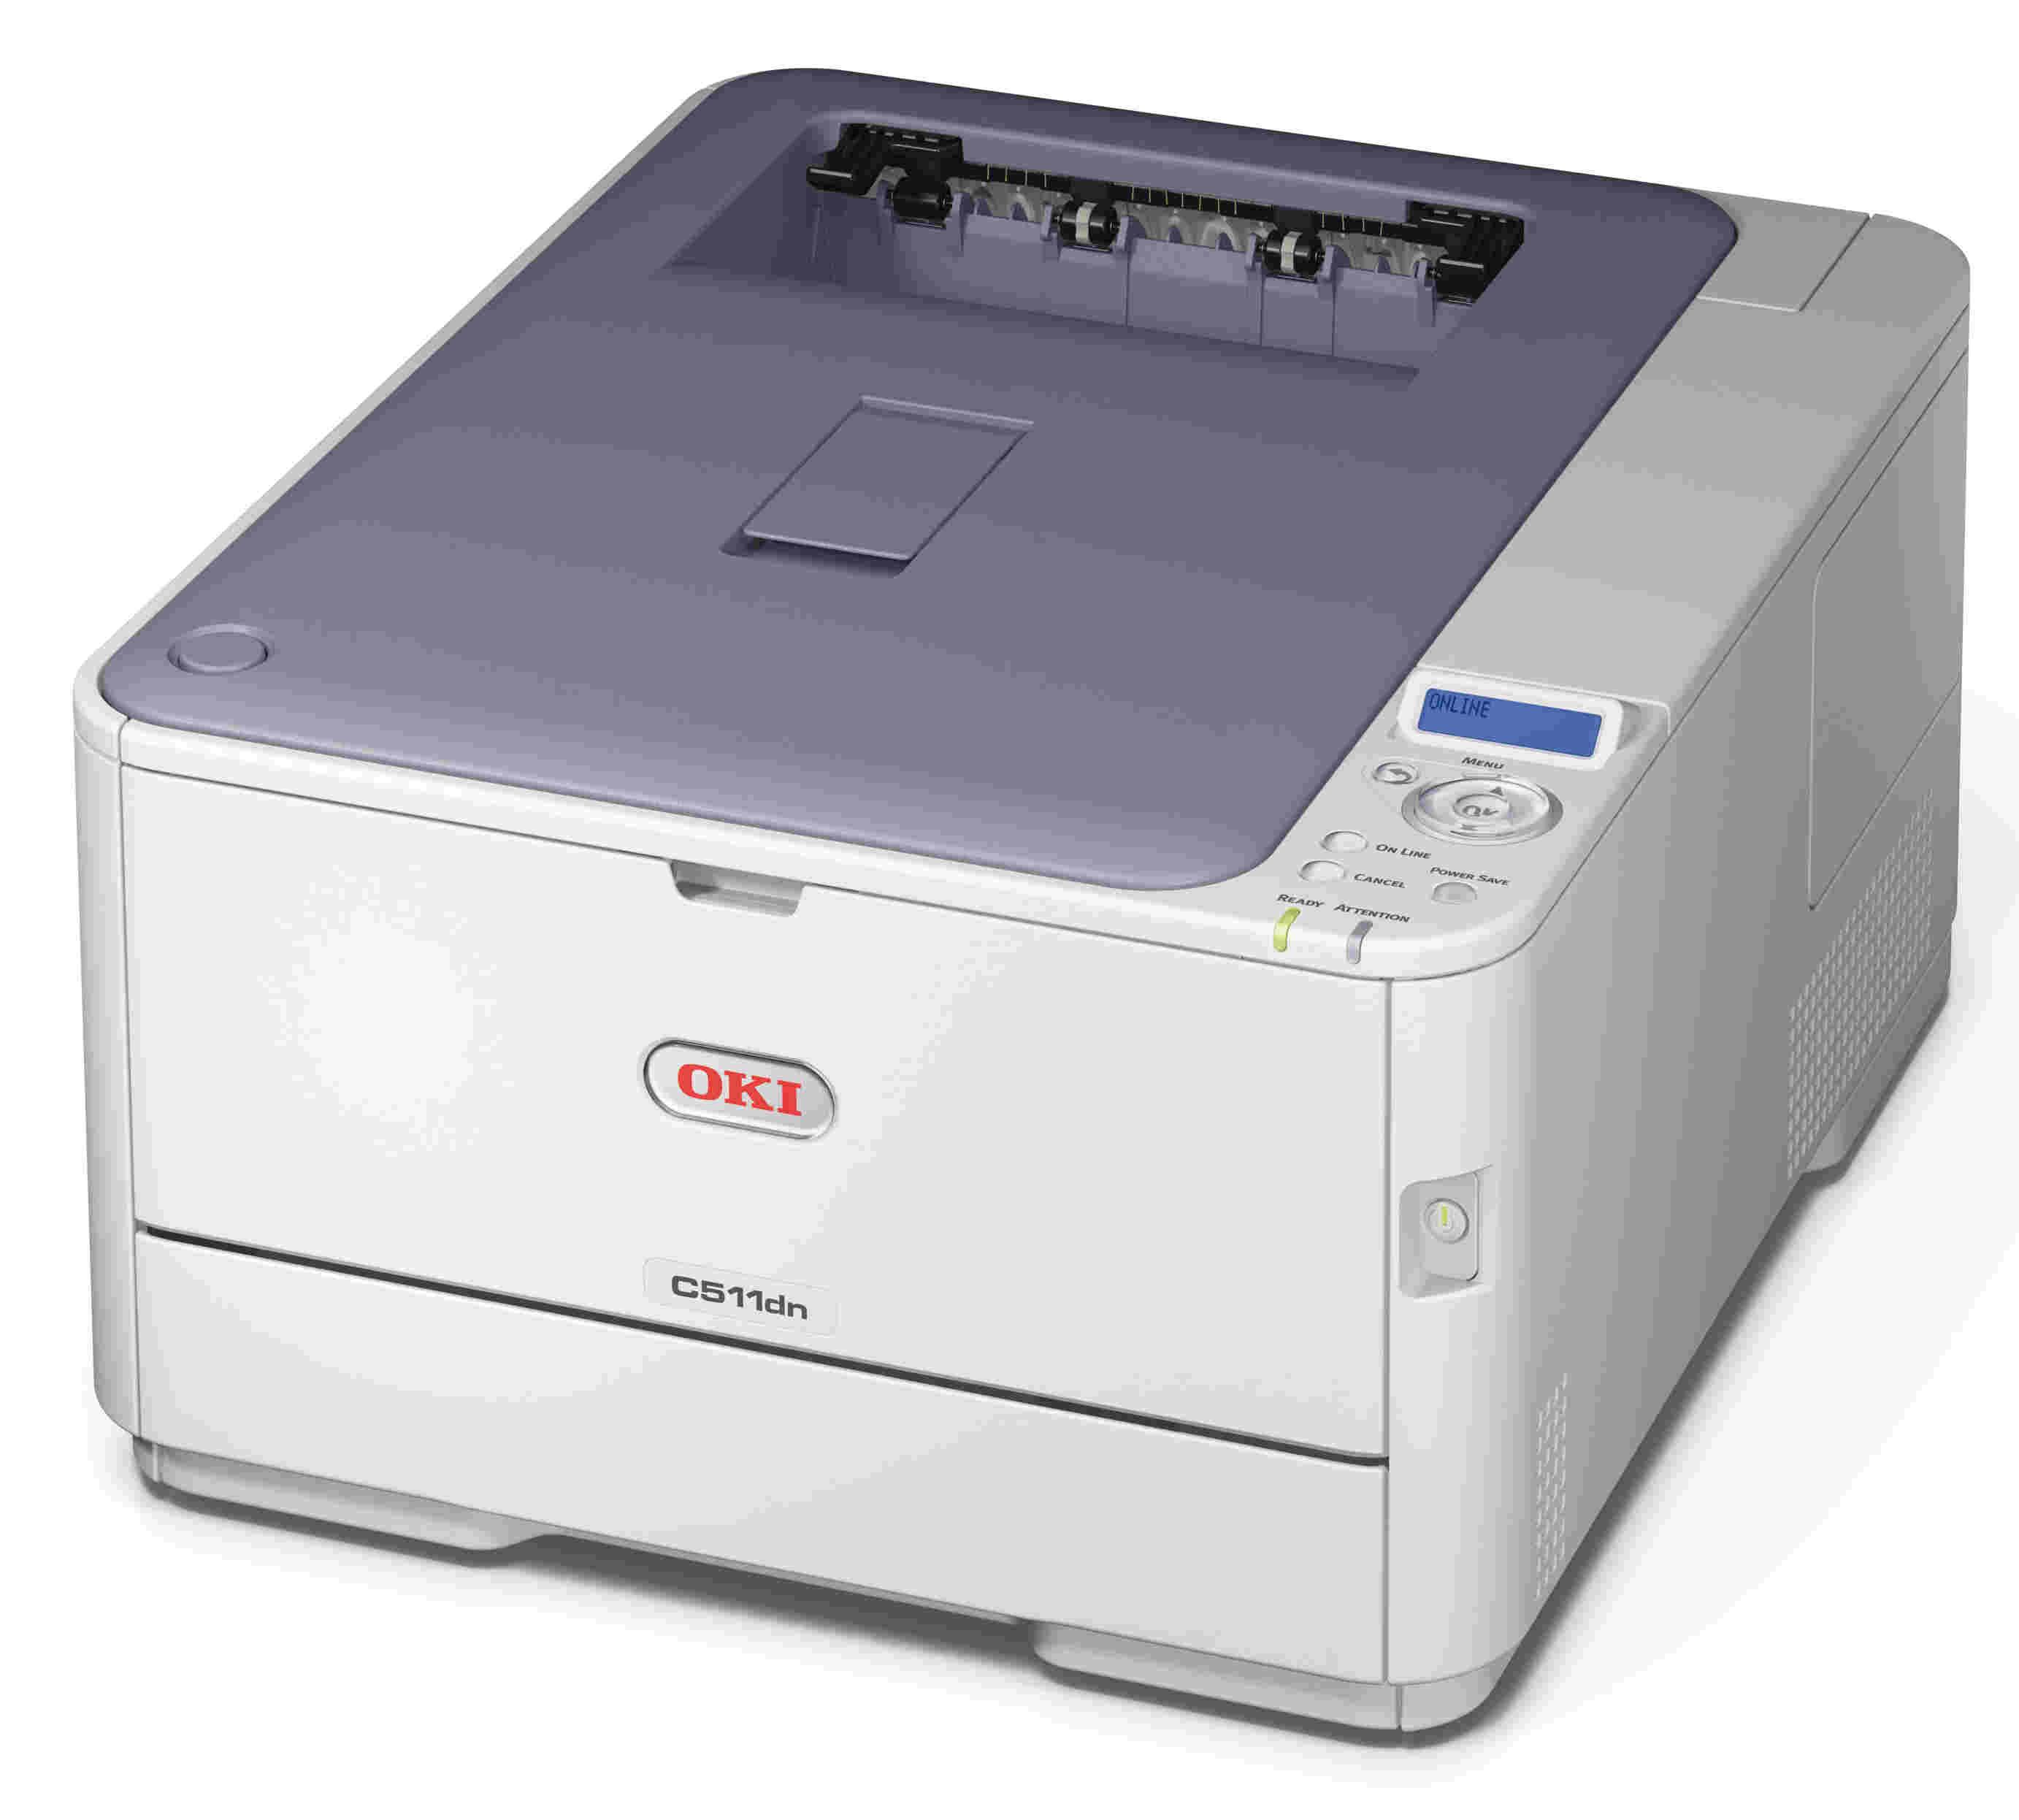 OKI erweitert die C500-Serie | Oki Drucker | Drucker ...